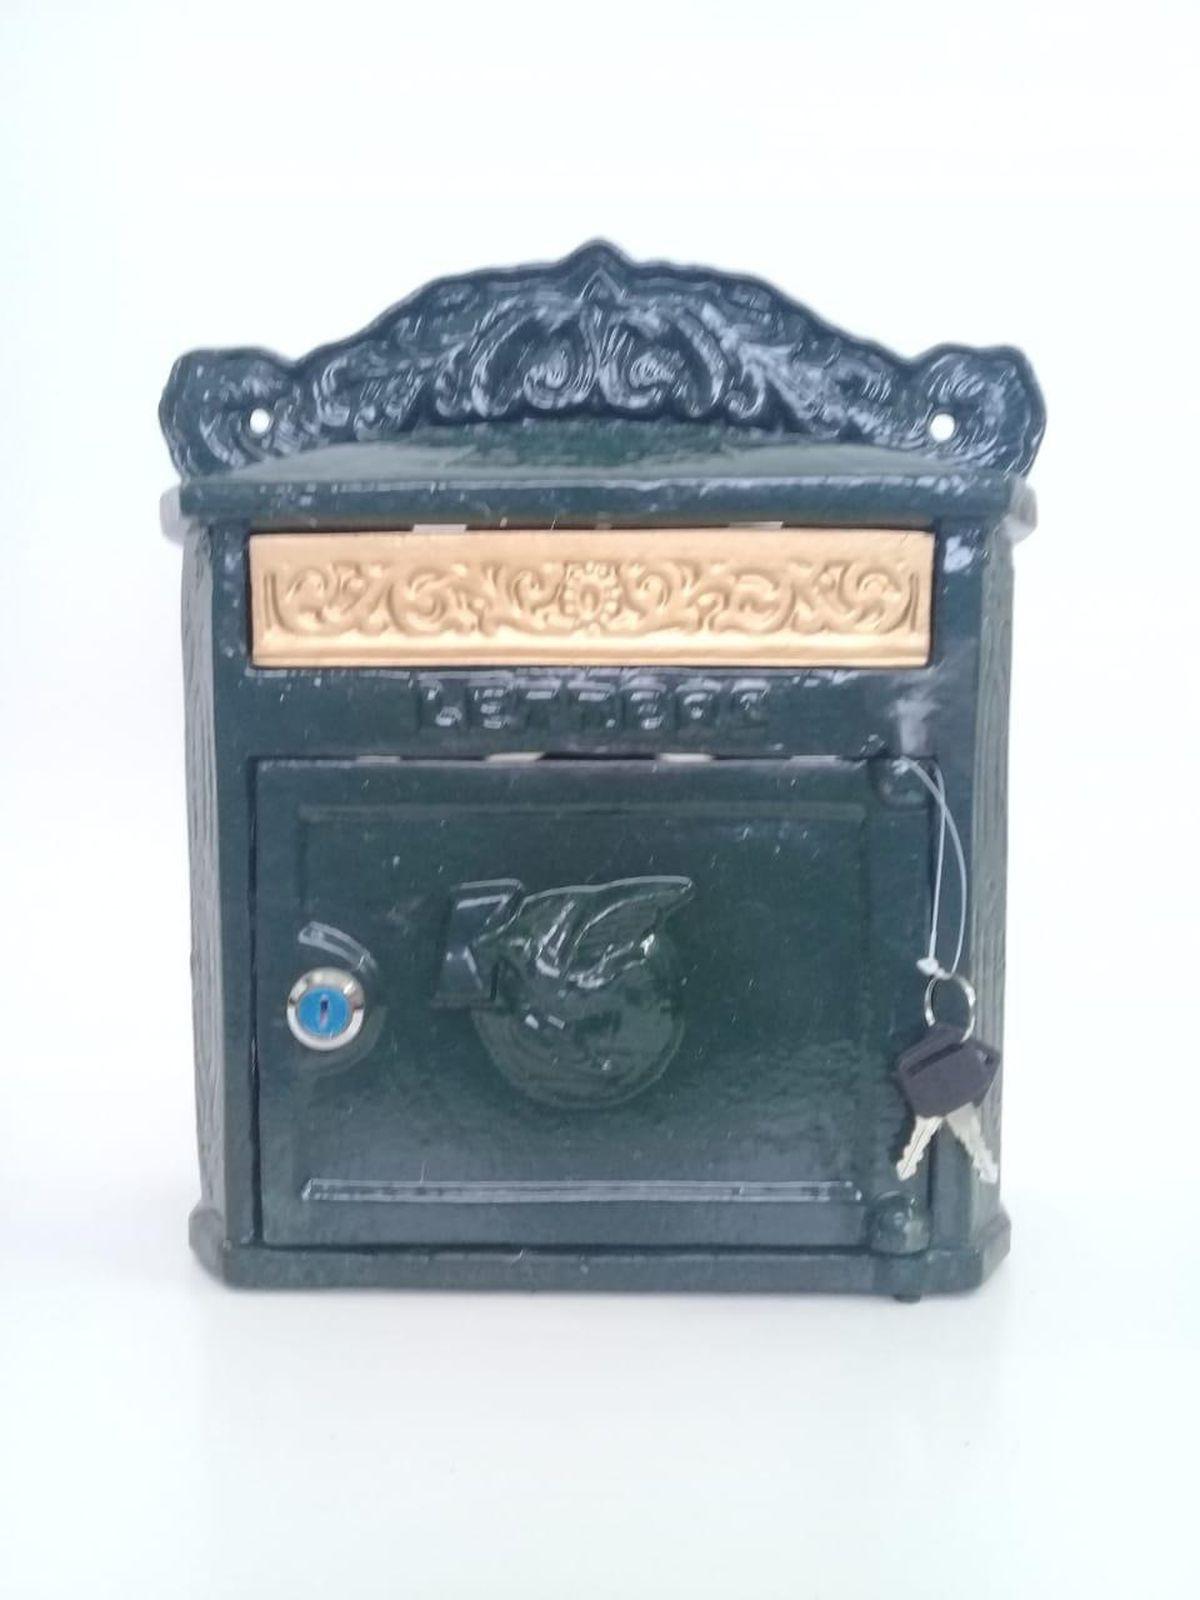 ящик почтовый пакс пм 8 Почтовый ящик садовый Изумруд, OT-35333, 33 х 12 х 35 см